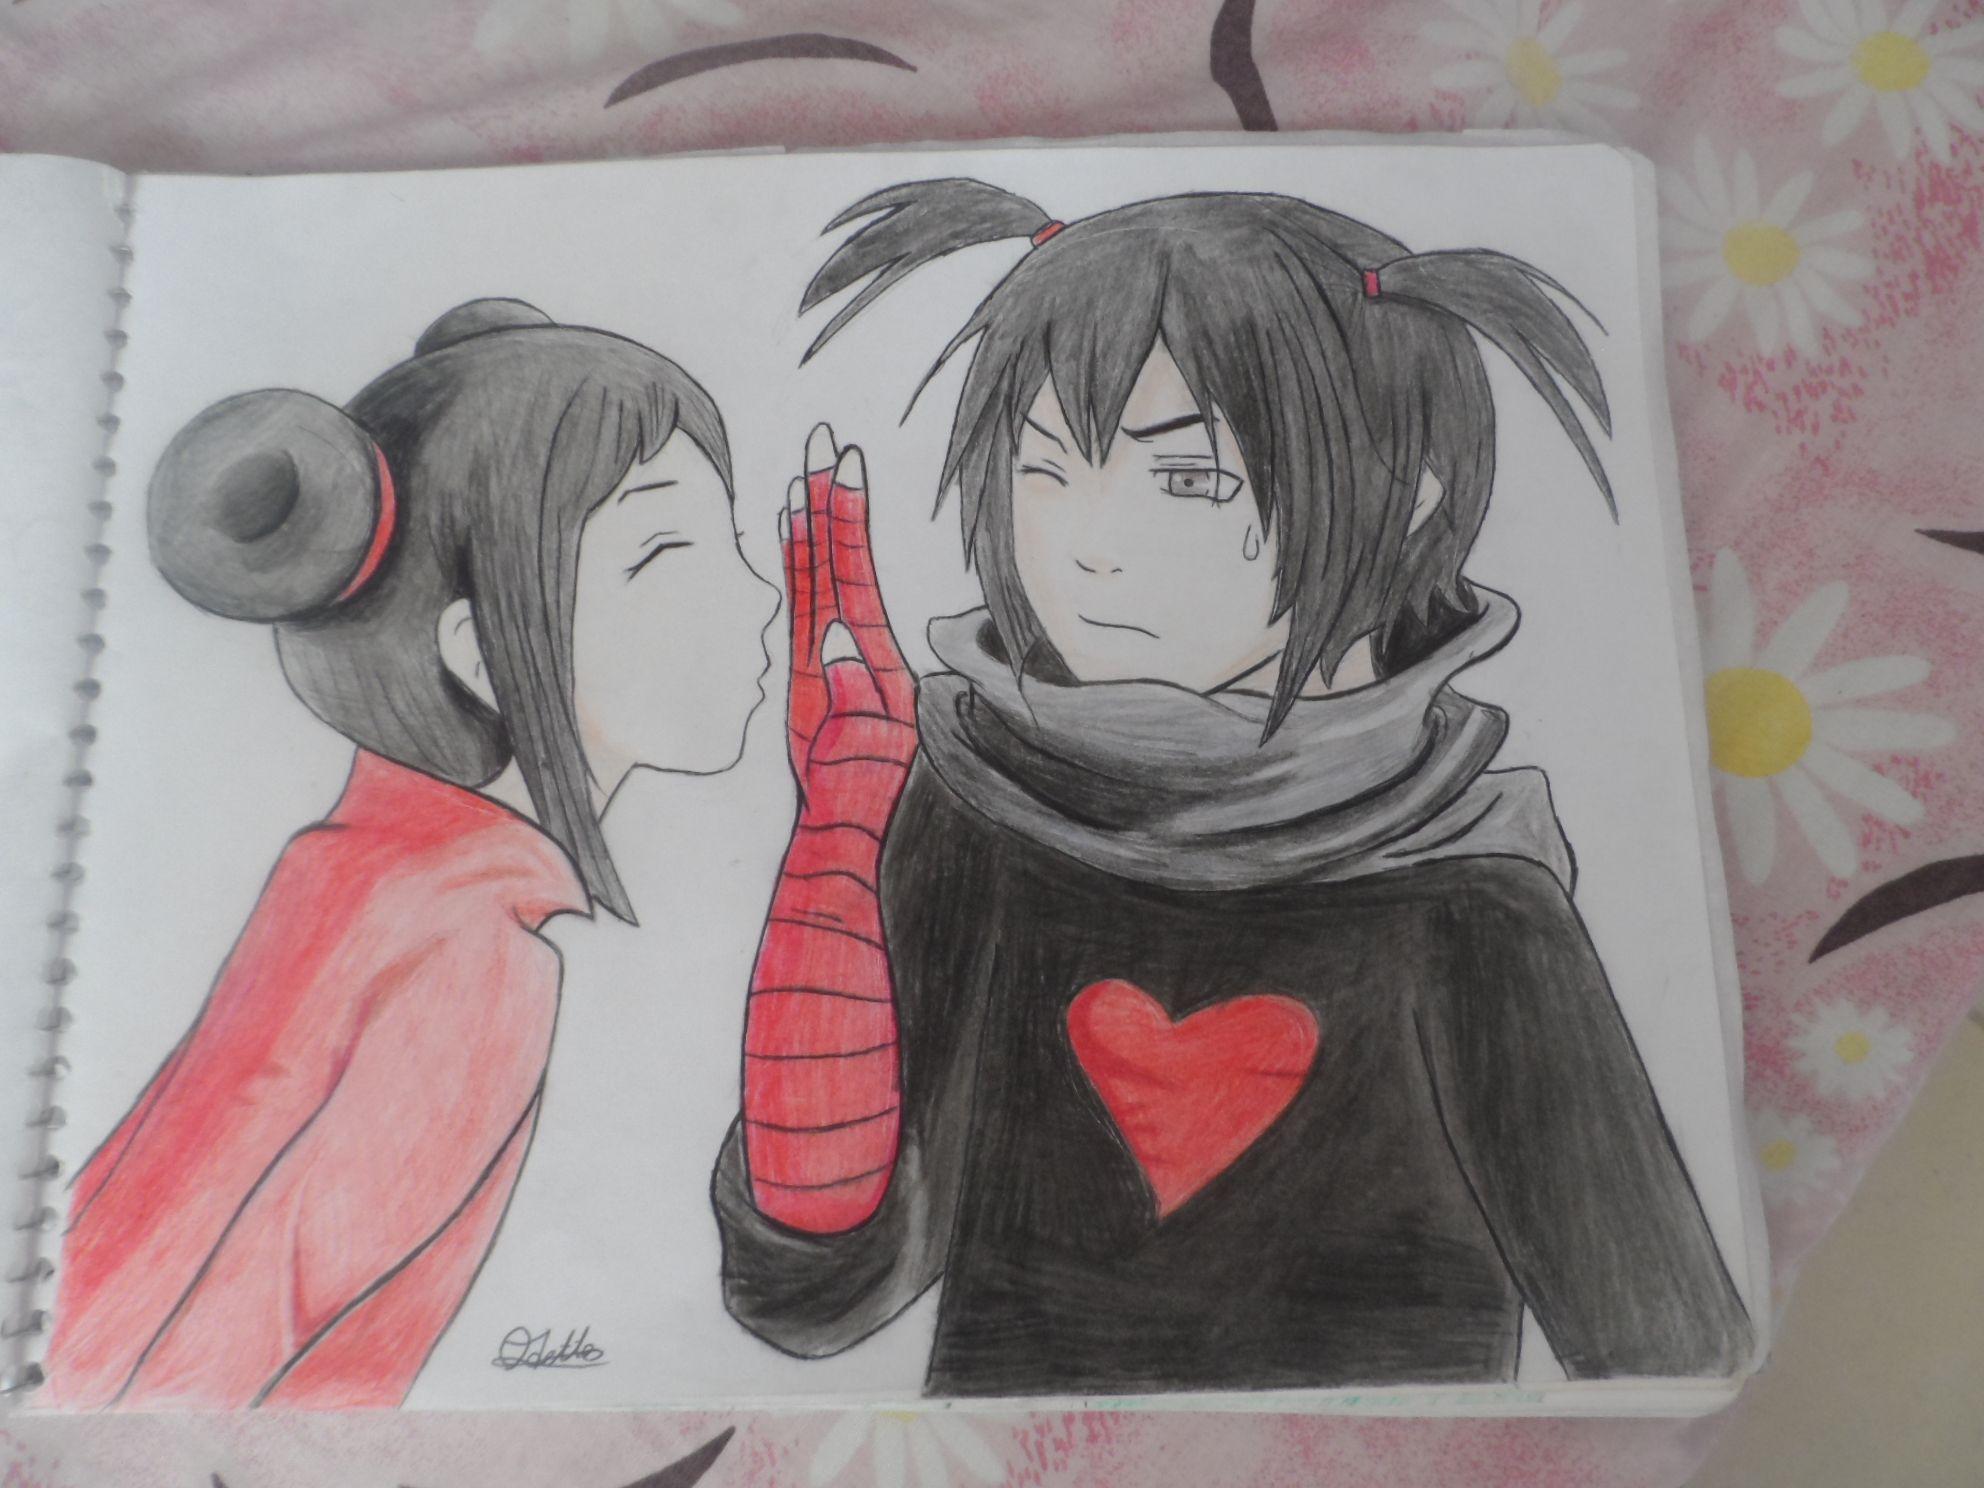 Este Es Un Dibujo A Colores De Pucca Y Garu En Versión Anime Pucca